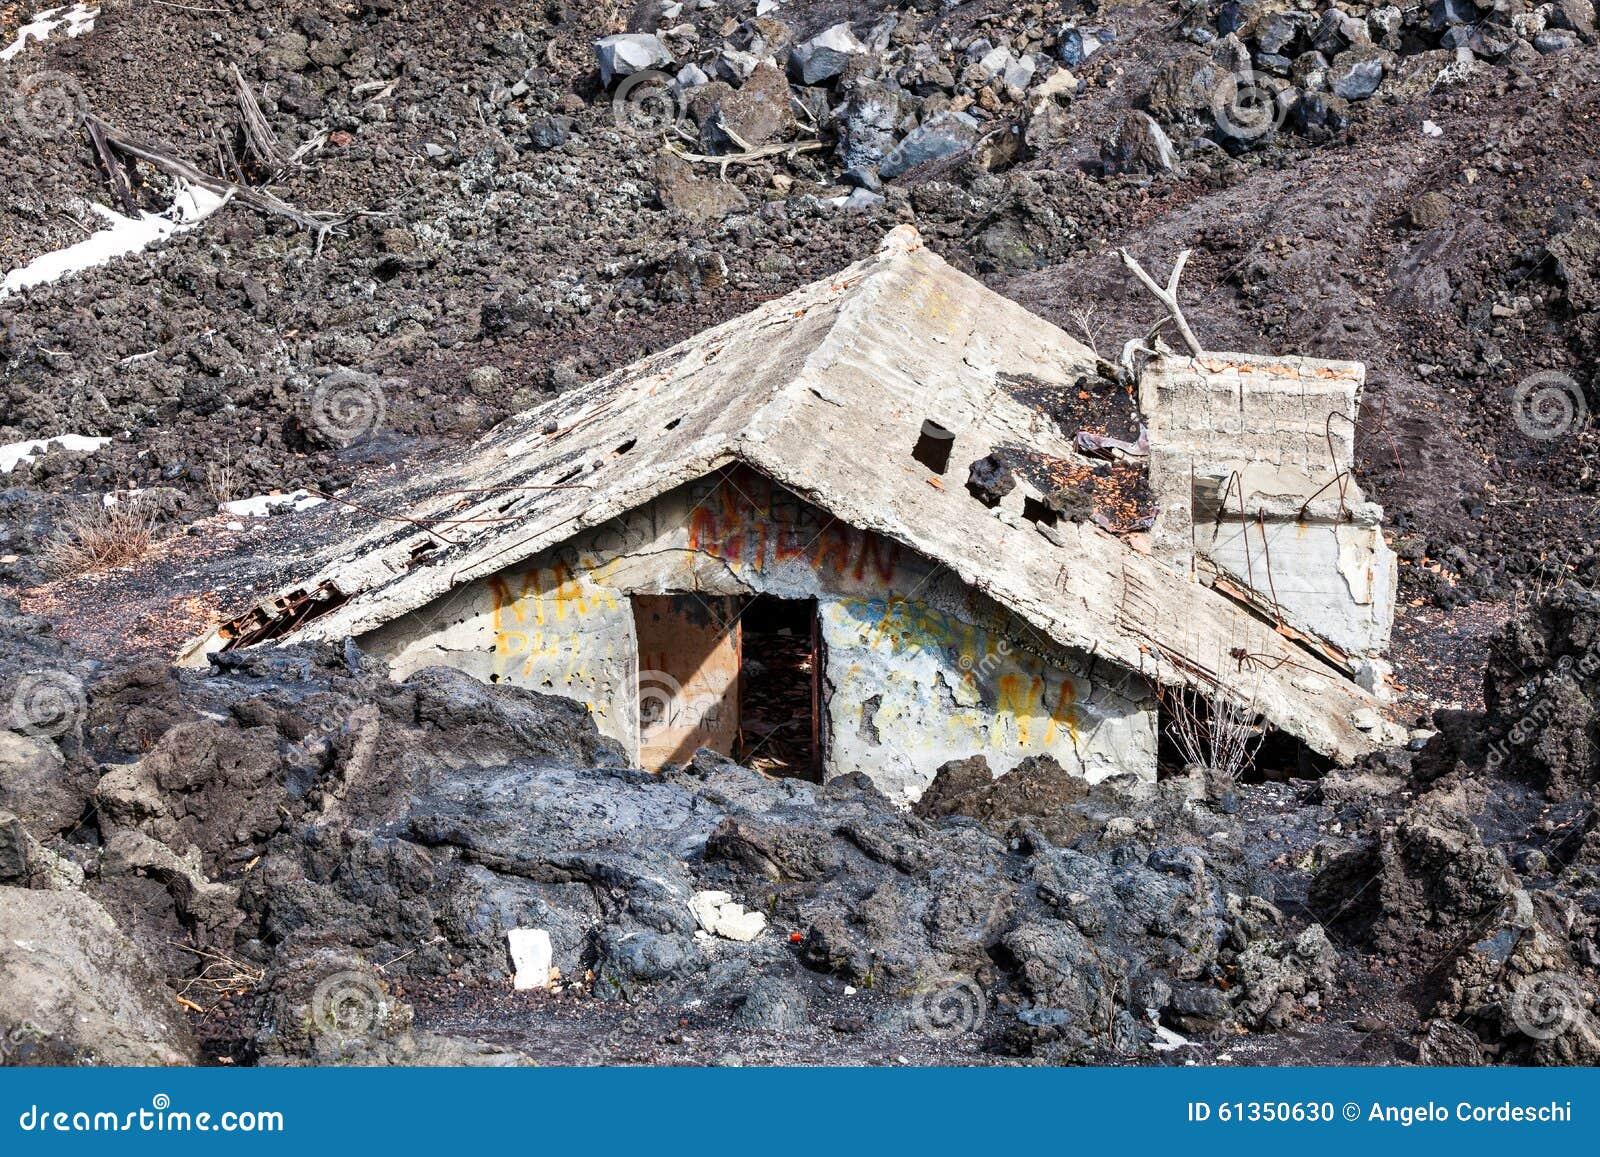 magma maison engloutie par la lave catastrophe naturelle photo stock image 61350630